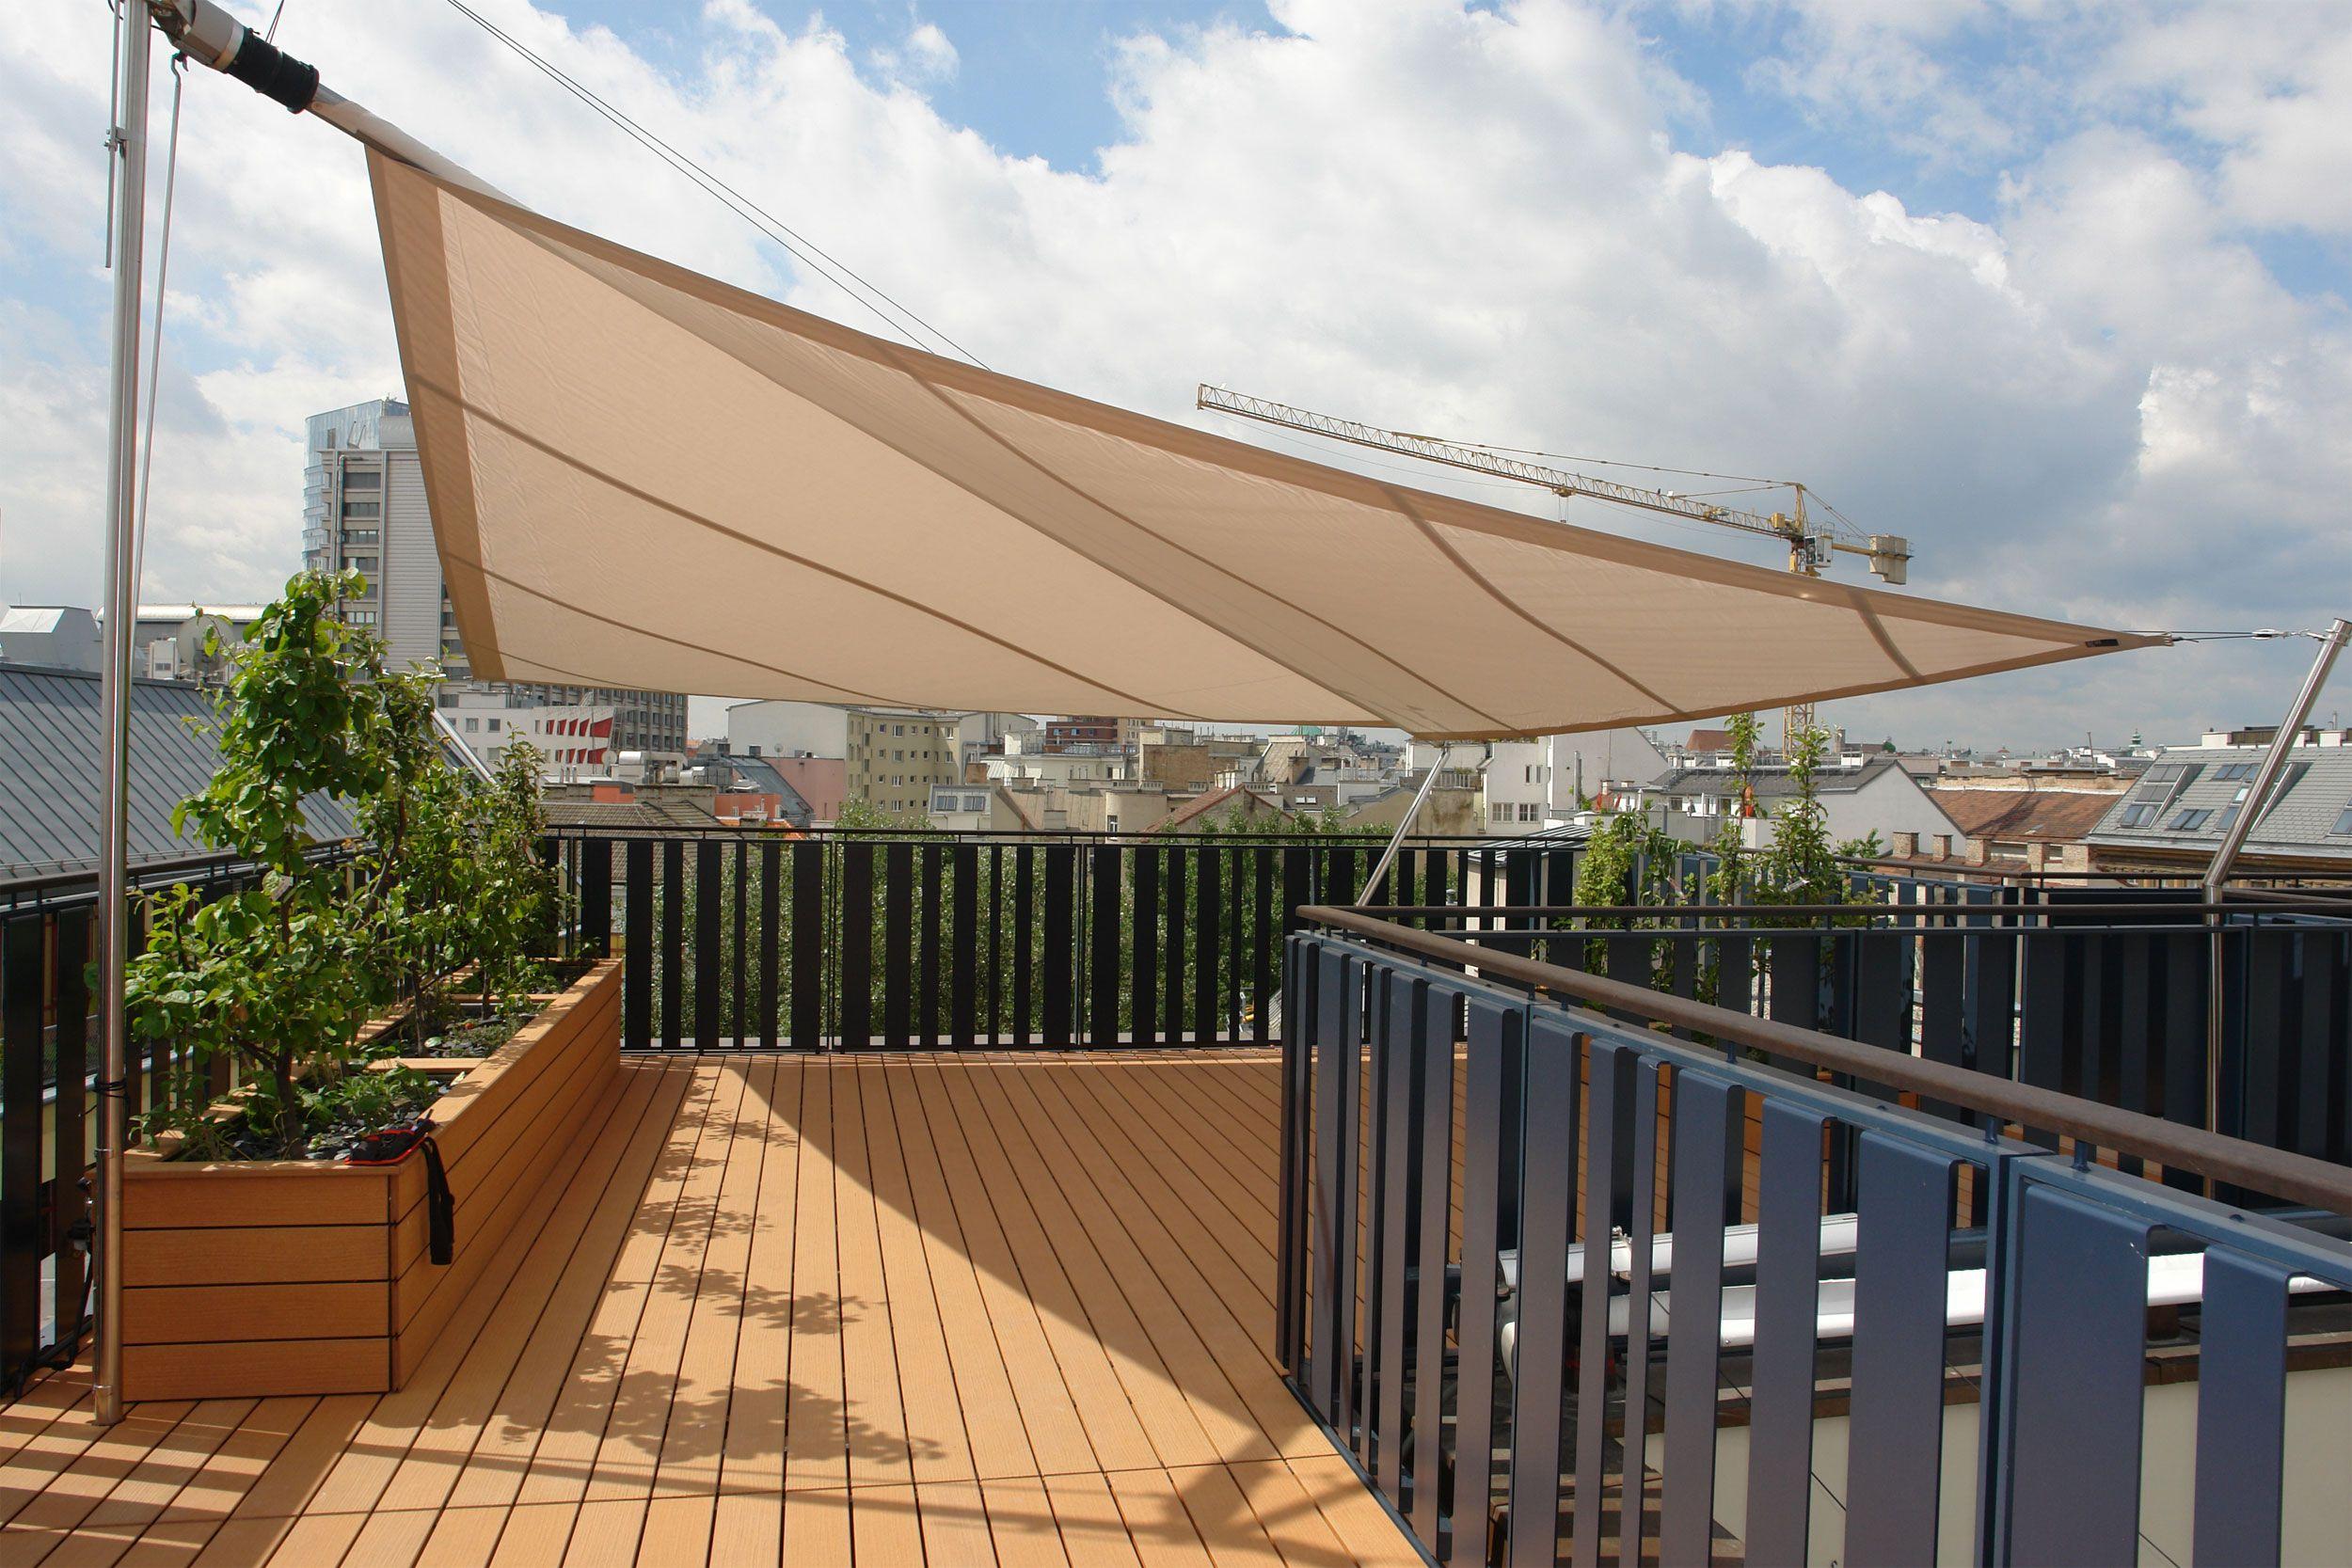 Dachterrasse, Österreich | Sunsquare Sonnensegel ... à Pose Terrasse Antony